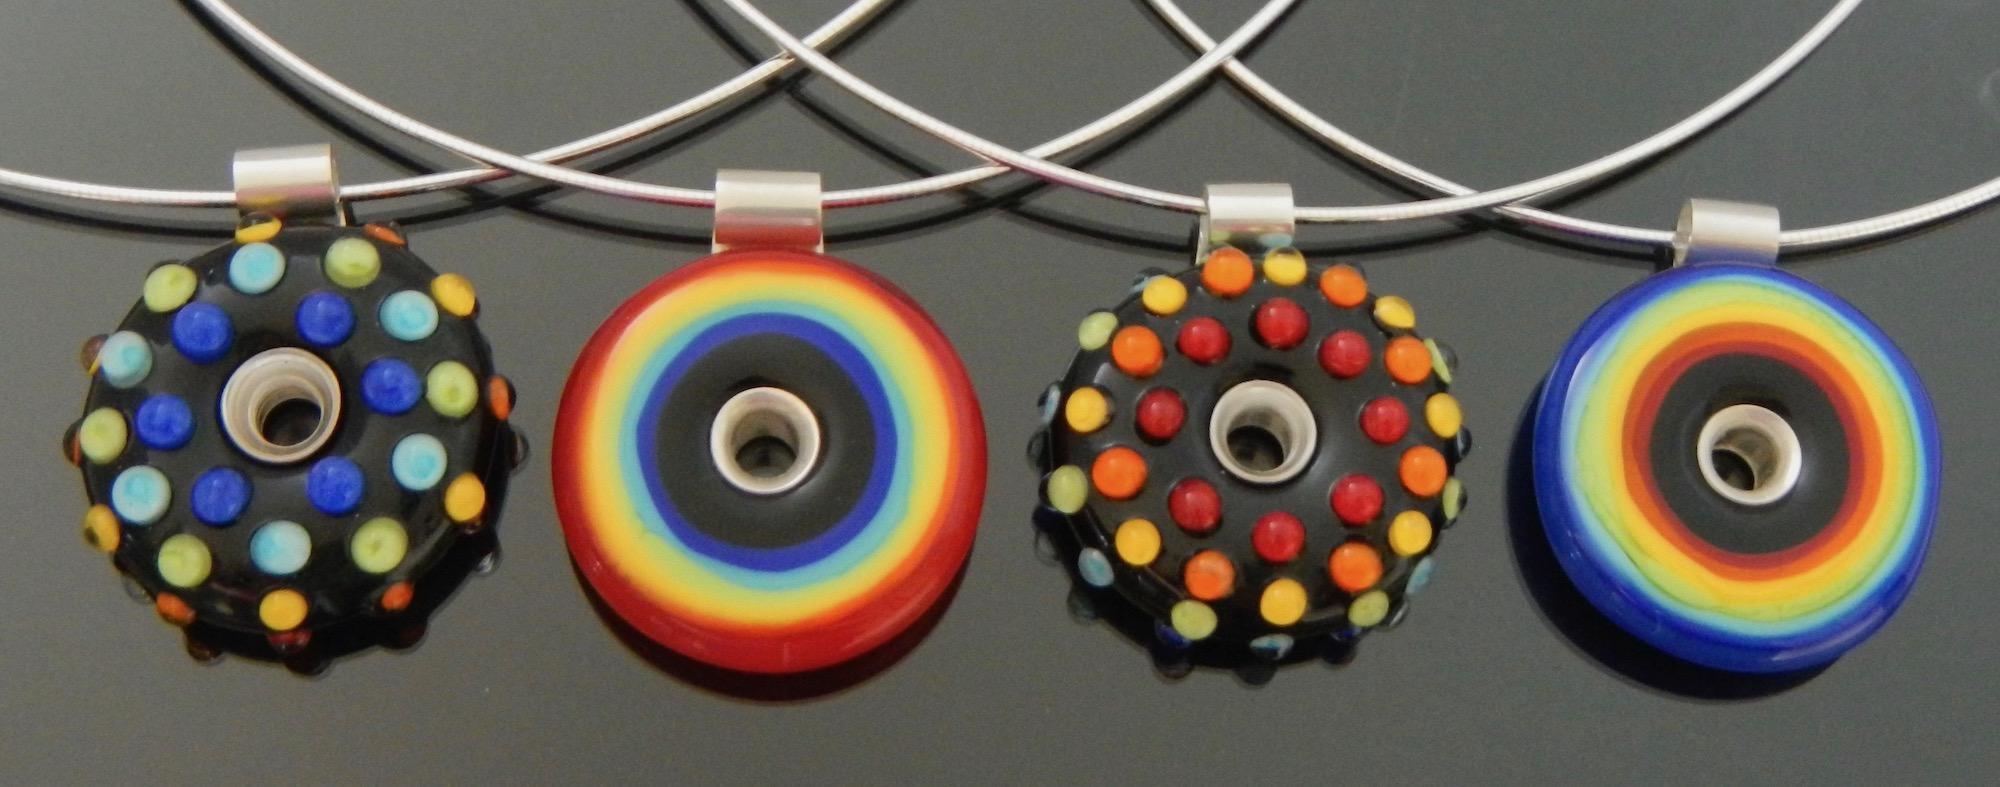 Rainbow dots and circle pendants